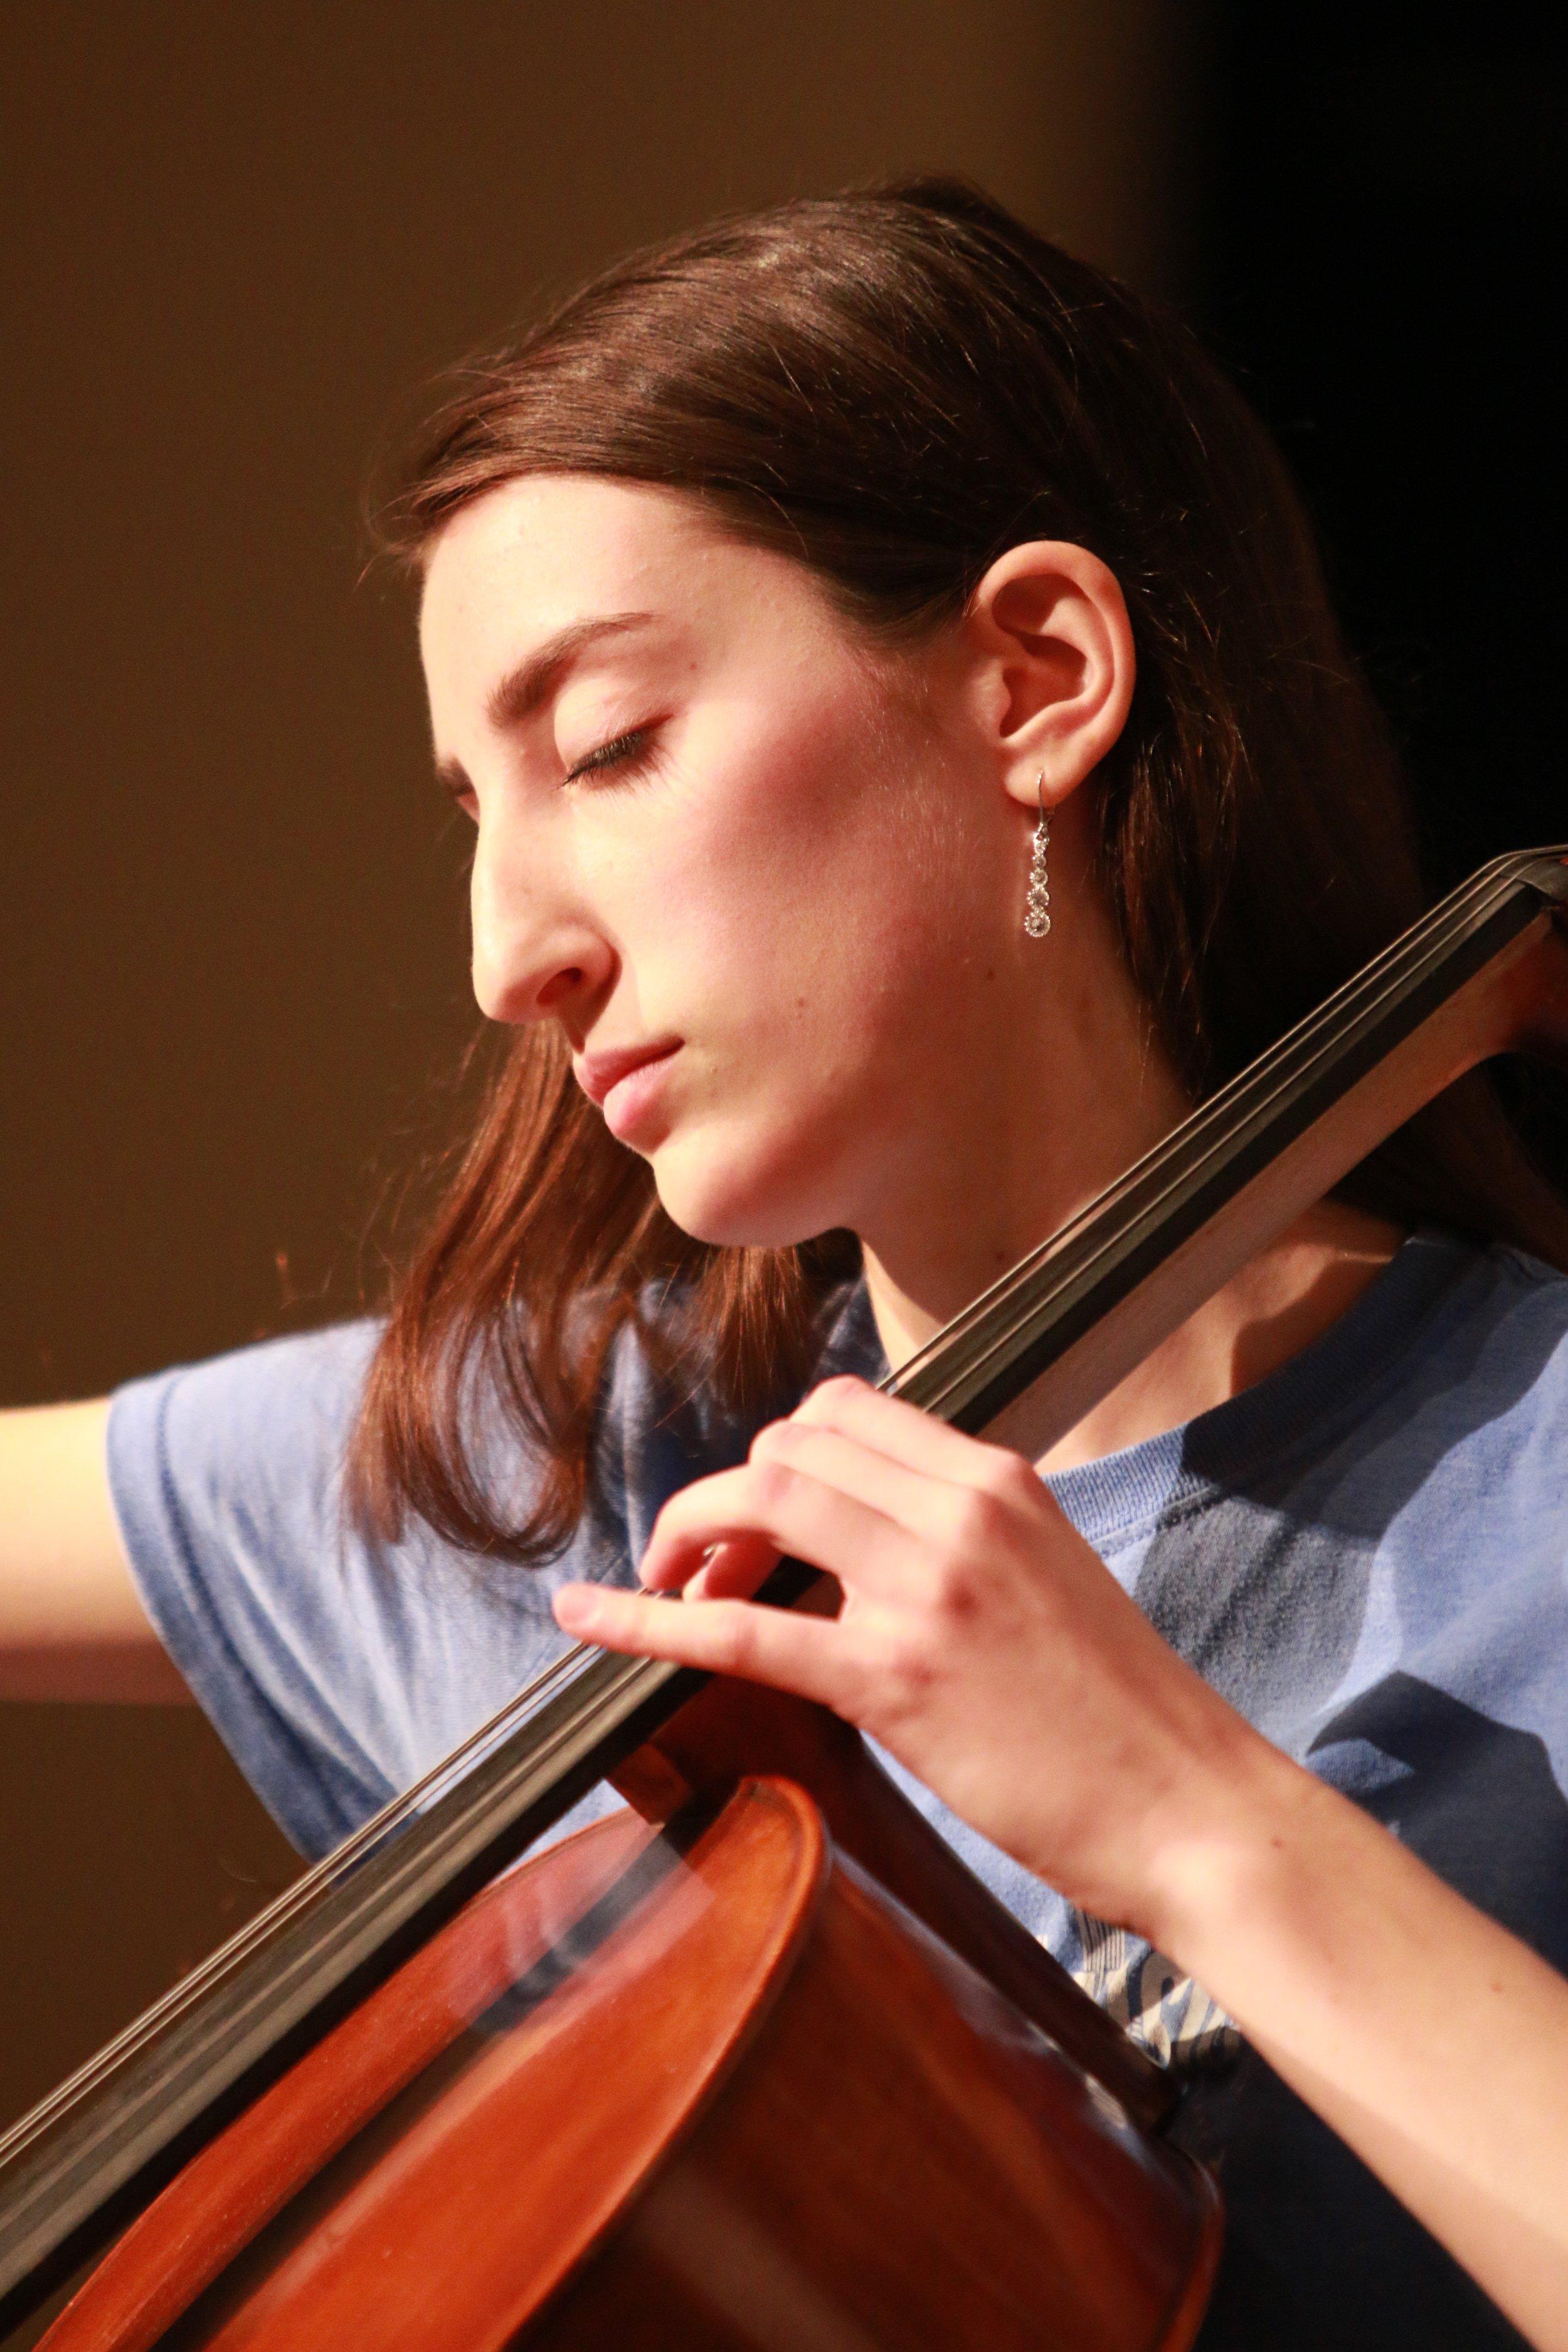 Jennifer Ripley - SO 2017 Cellist